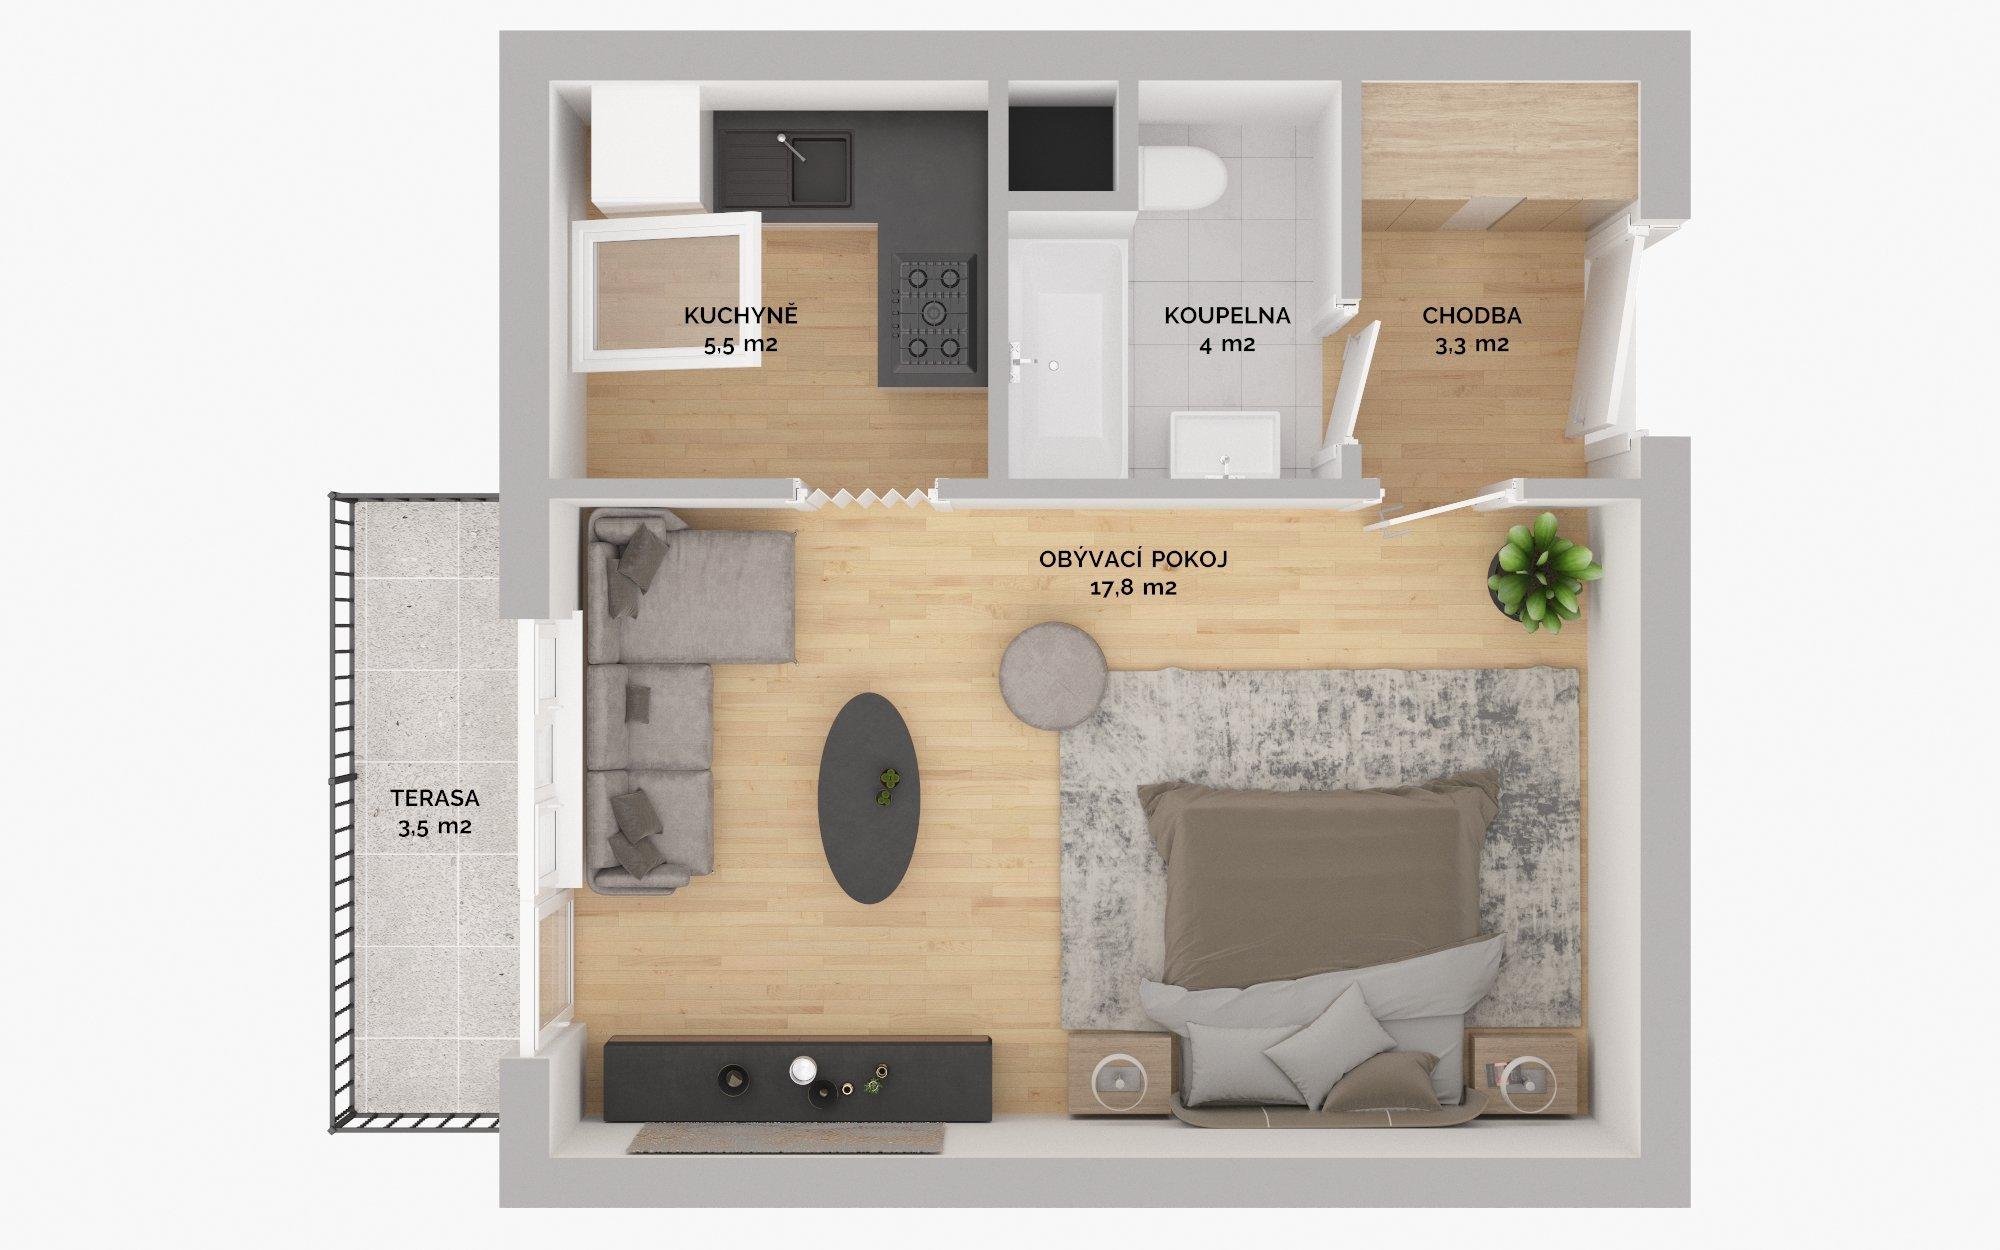 Prodej bytu 1kk 35m2 s balkonem a sklepní kójí, Nymburk – Říční